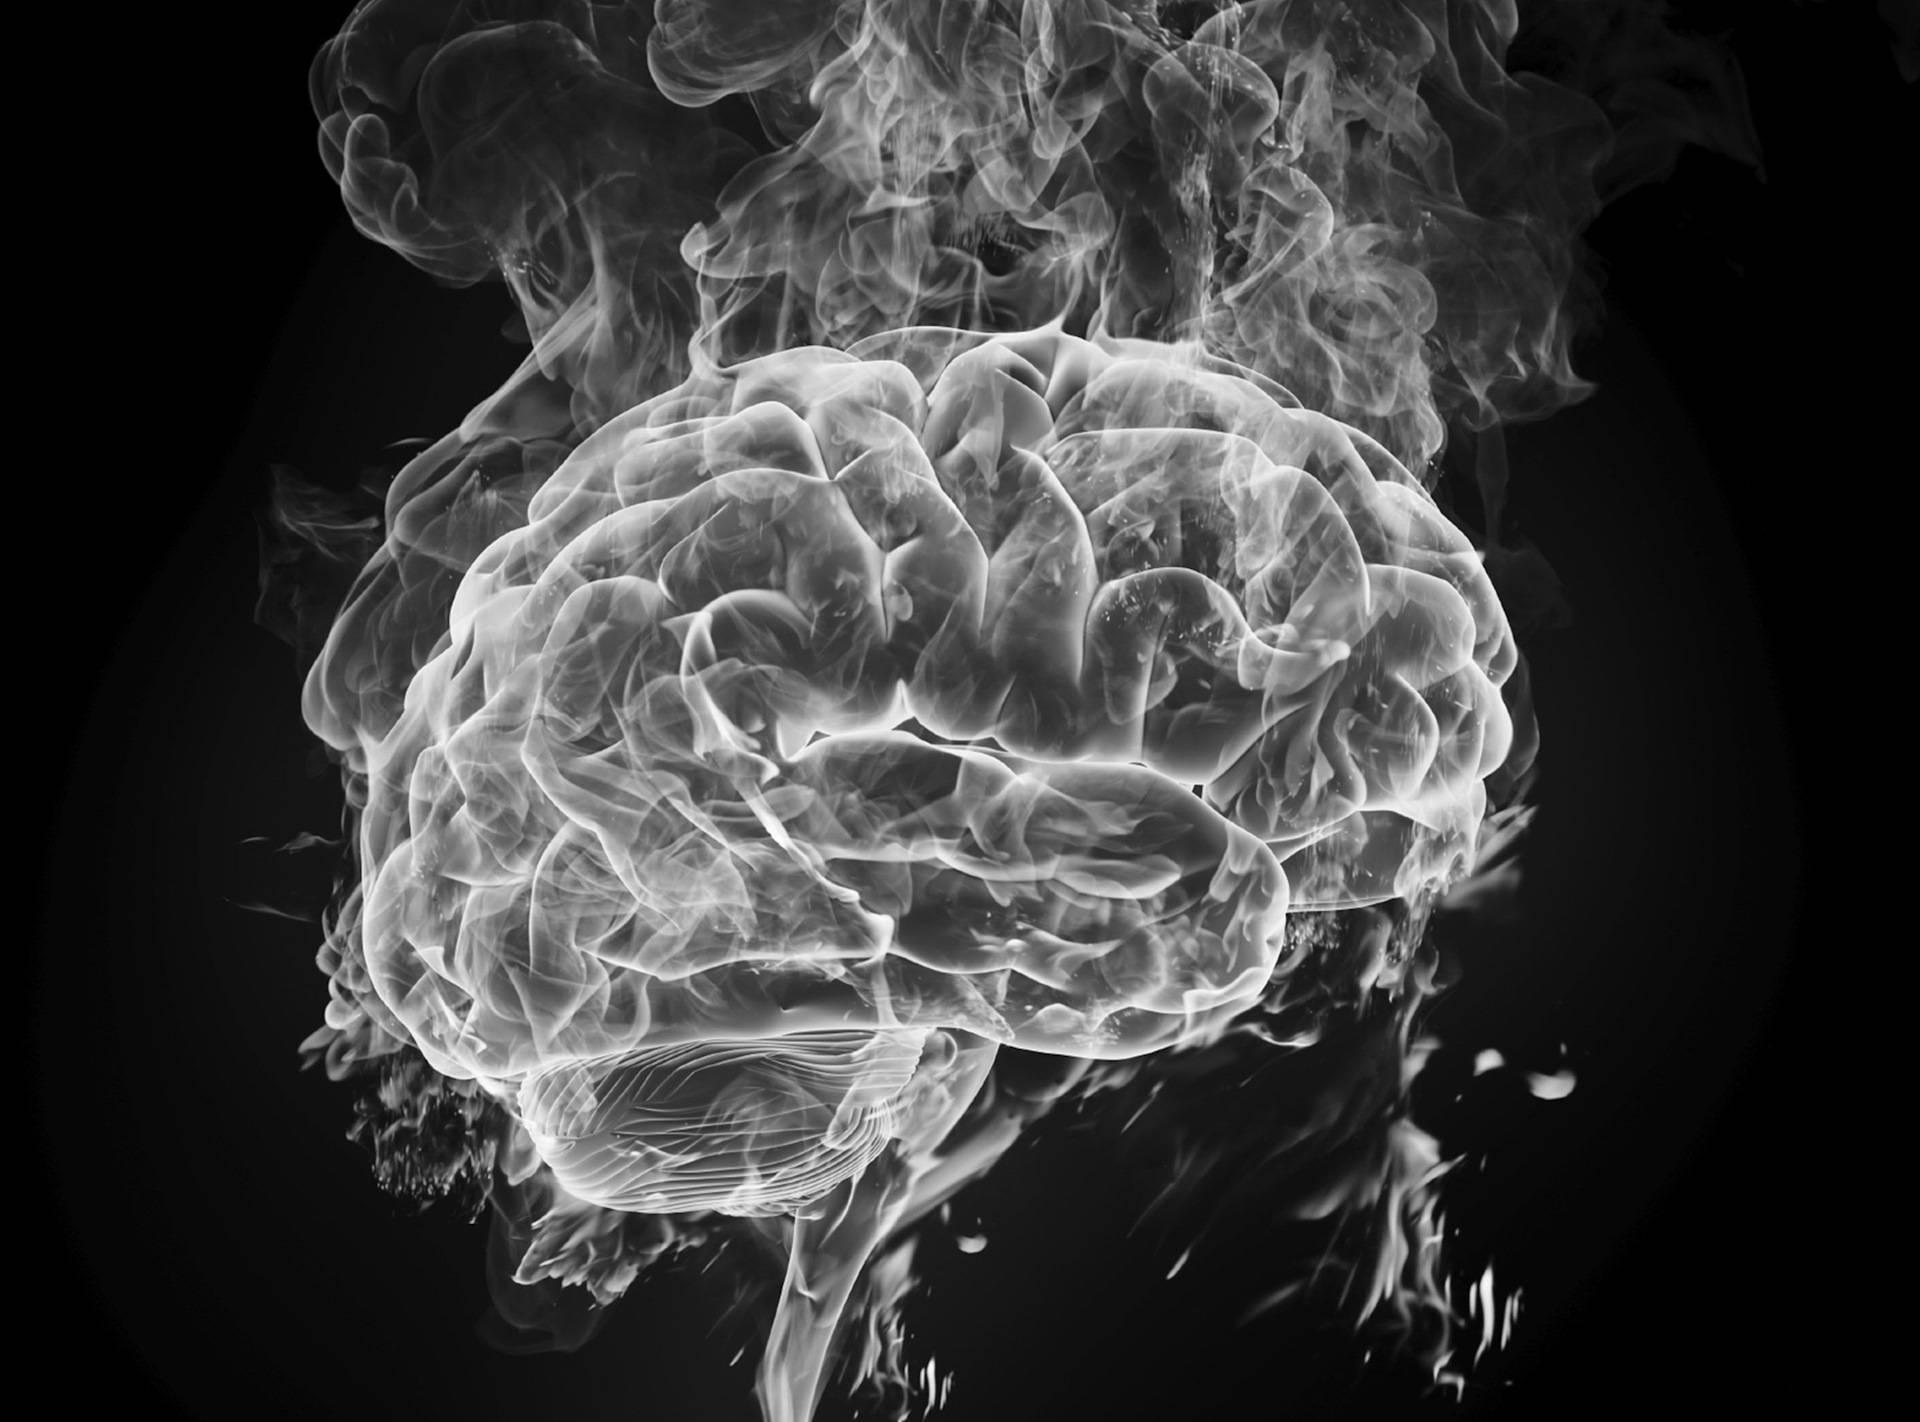 Здоровый портал: борьба с вредными привычками. бросил курить активность мозга